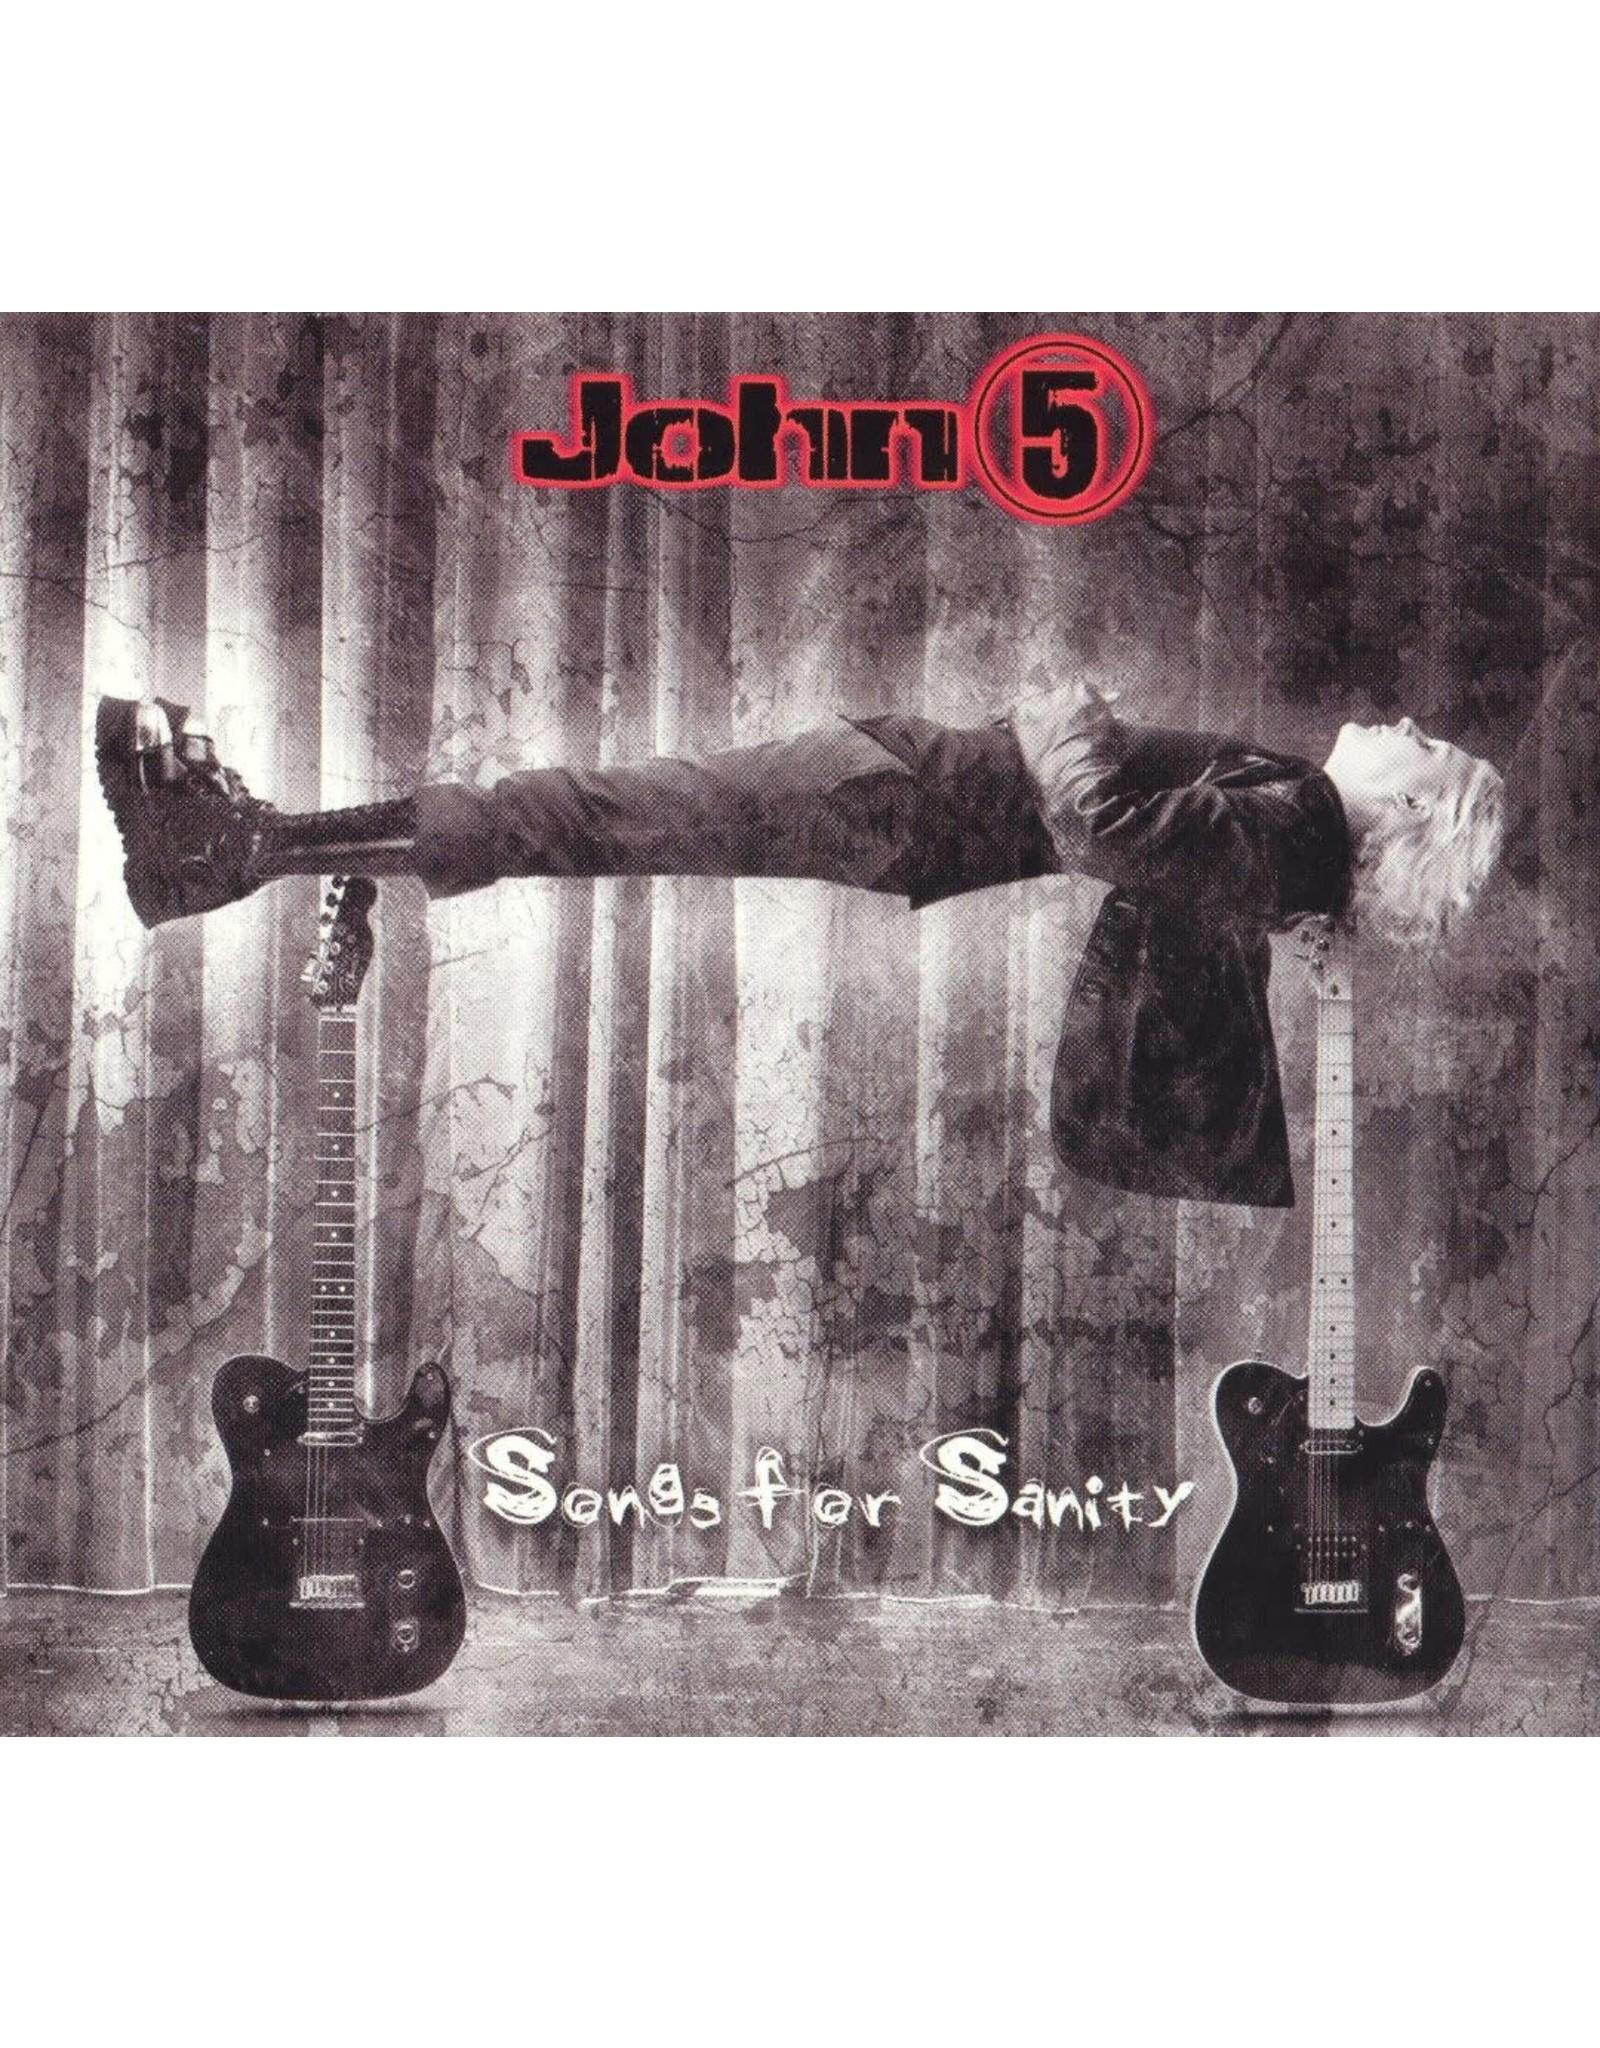 John 5 - Songs For Sanity CD